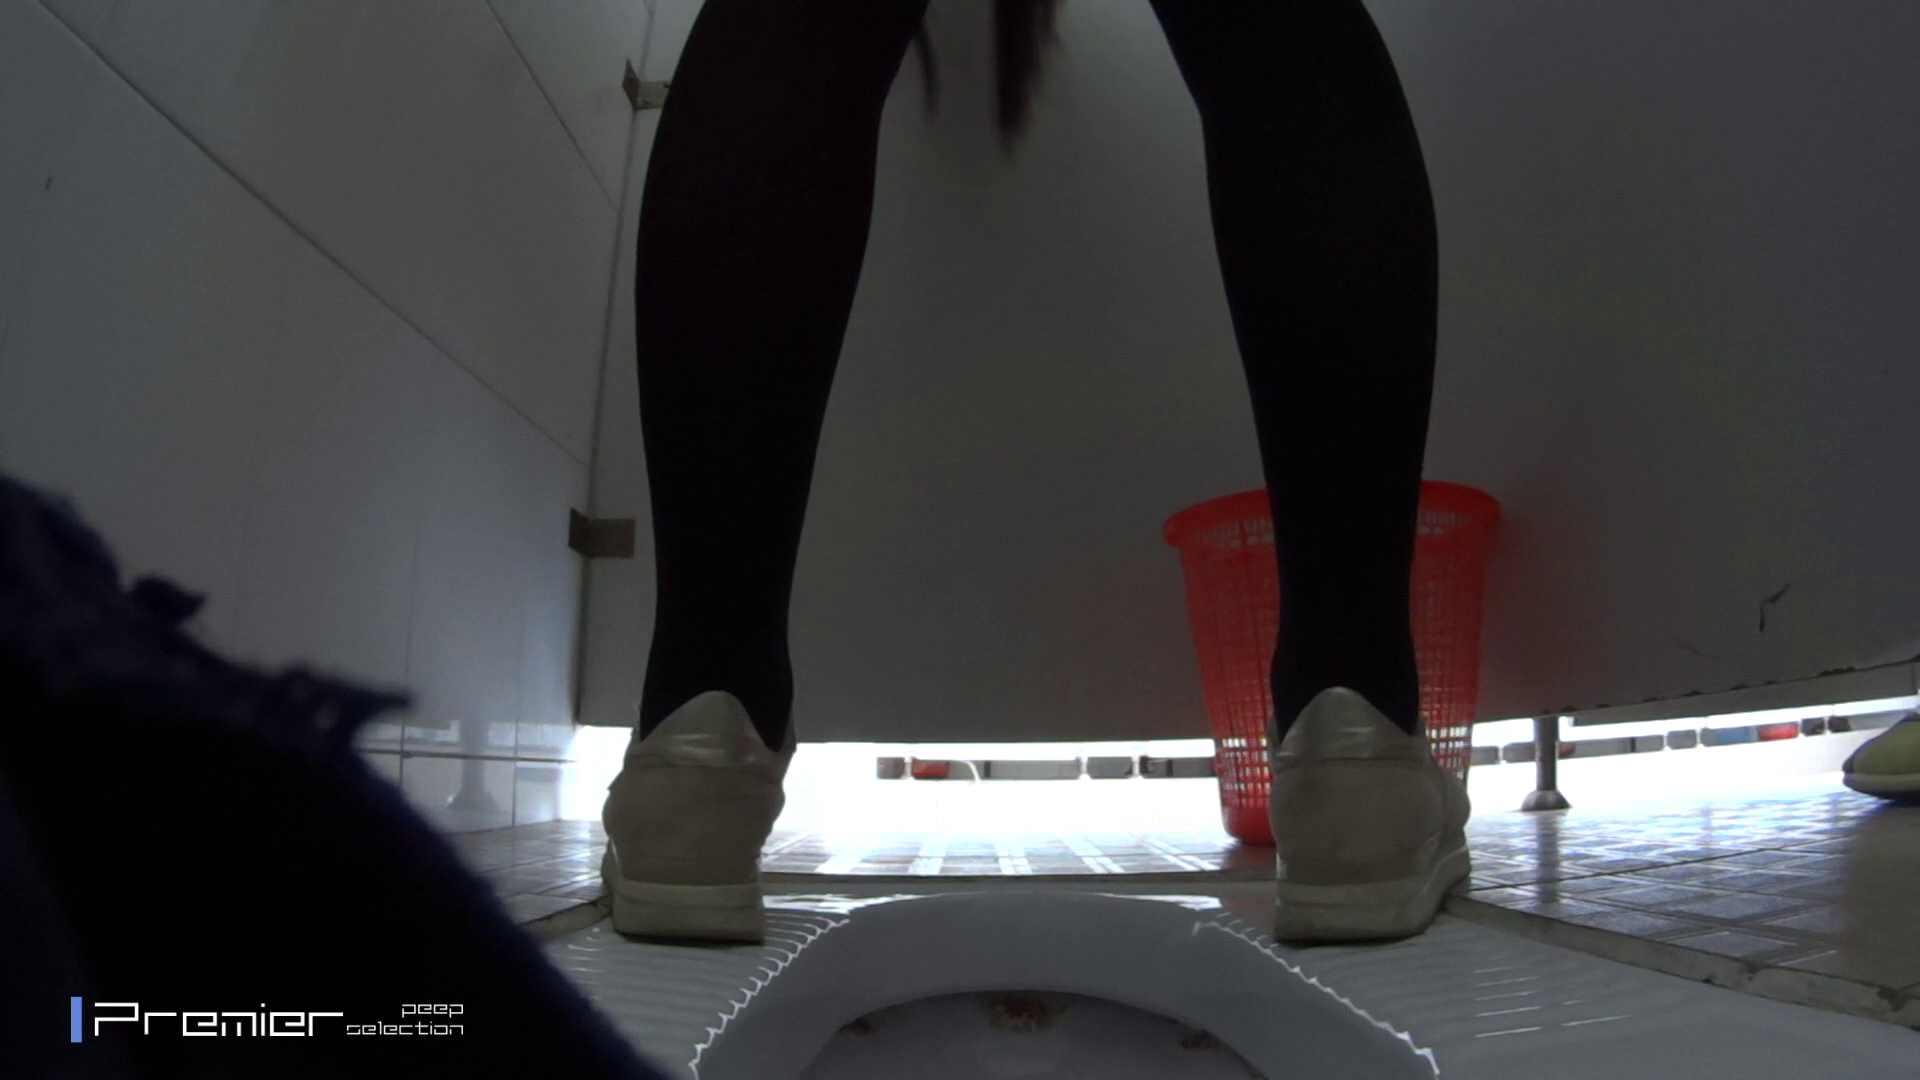 めくれ上がる陰部からの大聖水!大学休憩時間の洗面所事情27 洗面所  78pic 12